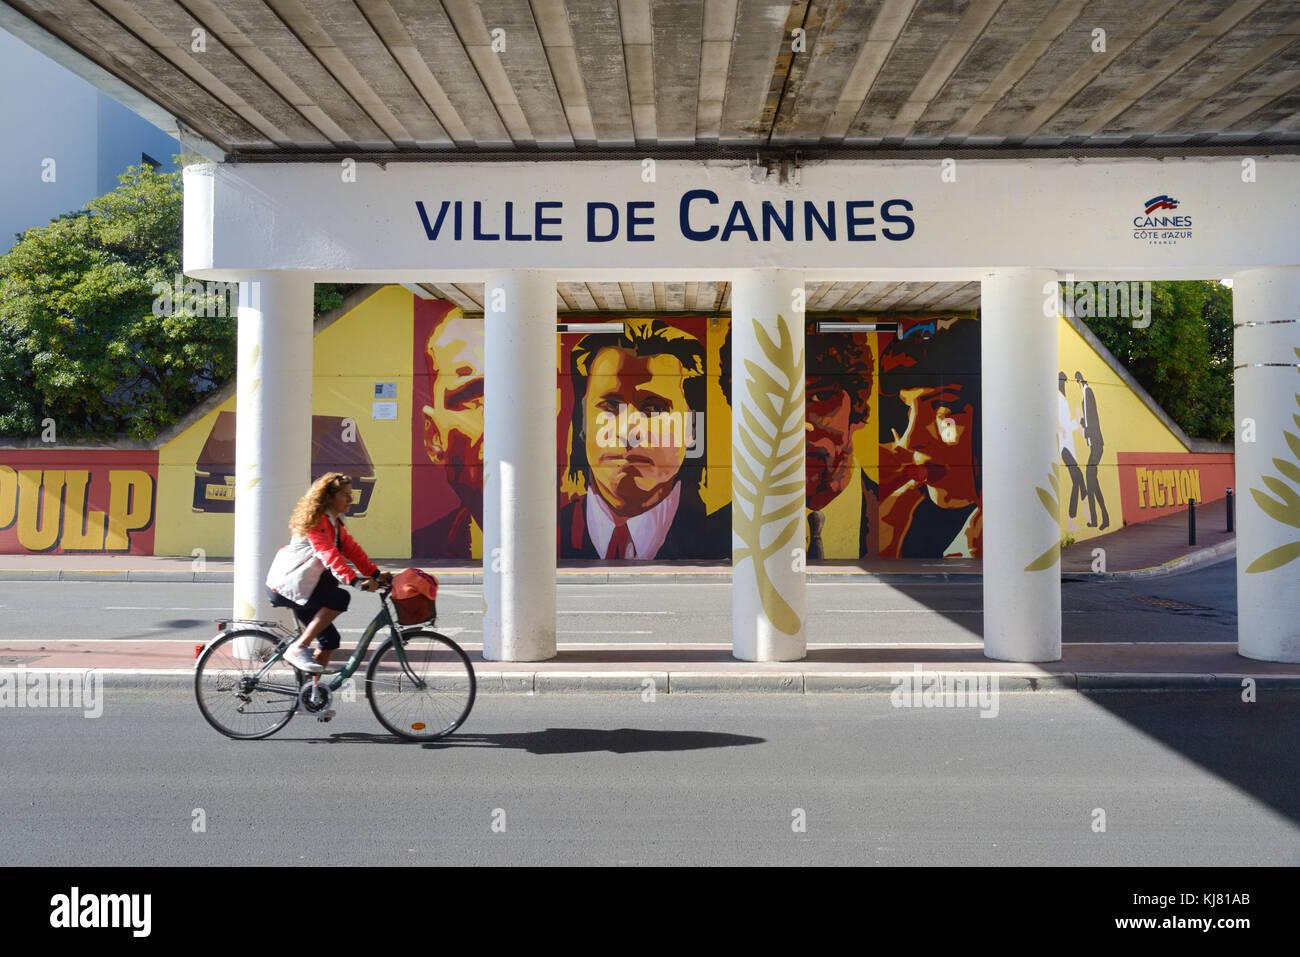 Passage inférieur de Cannes avec Pulp Fiction de peintures murales ou de célébrer le Festival de Cannes et de l'industrie du cinéma, à l'extrémité sud de La Croisette Banque D'Images